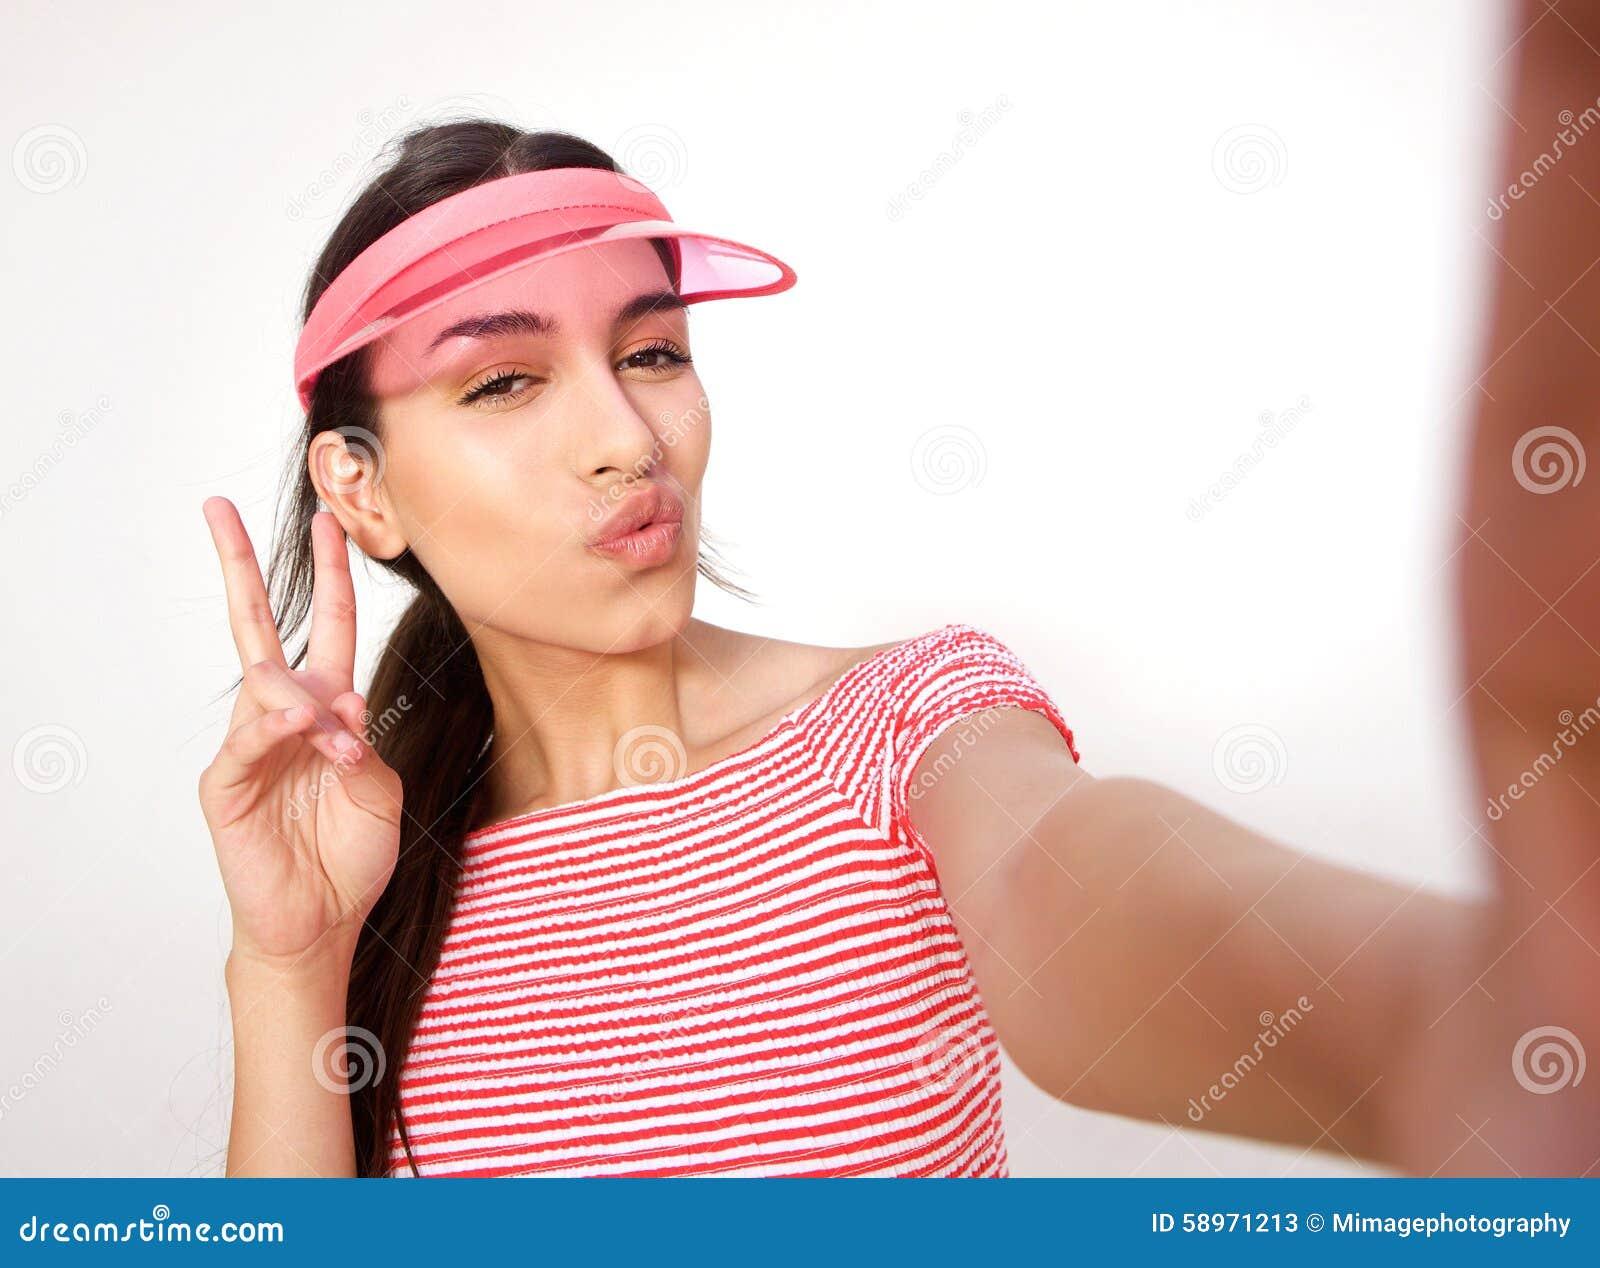 Desi hot girl huge selfie